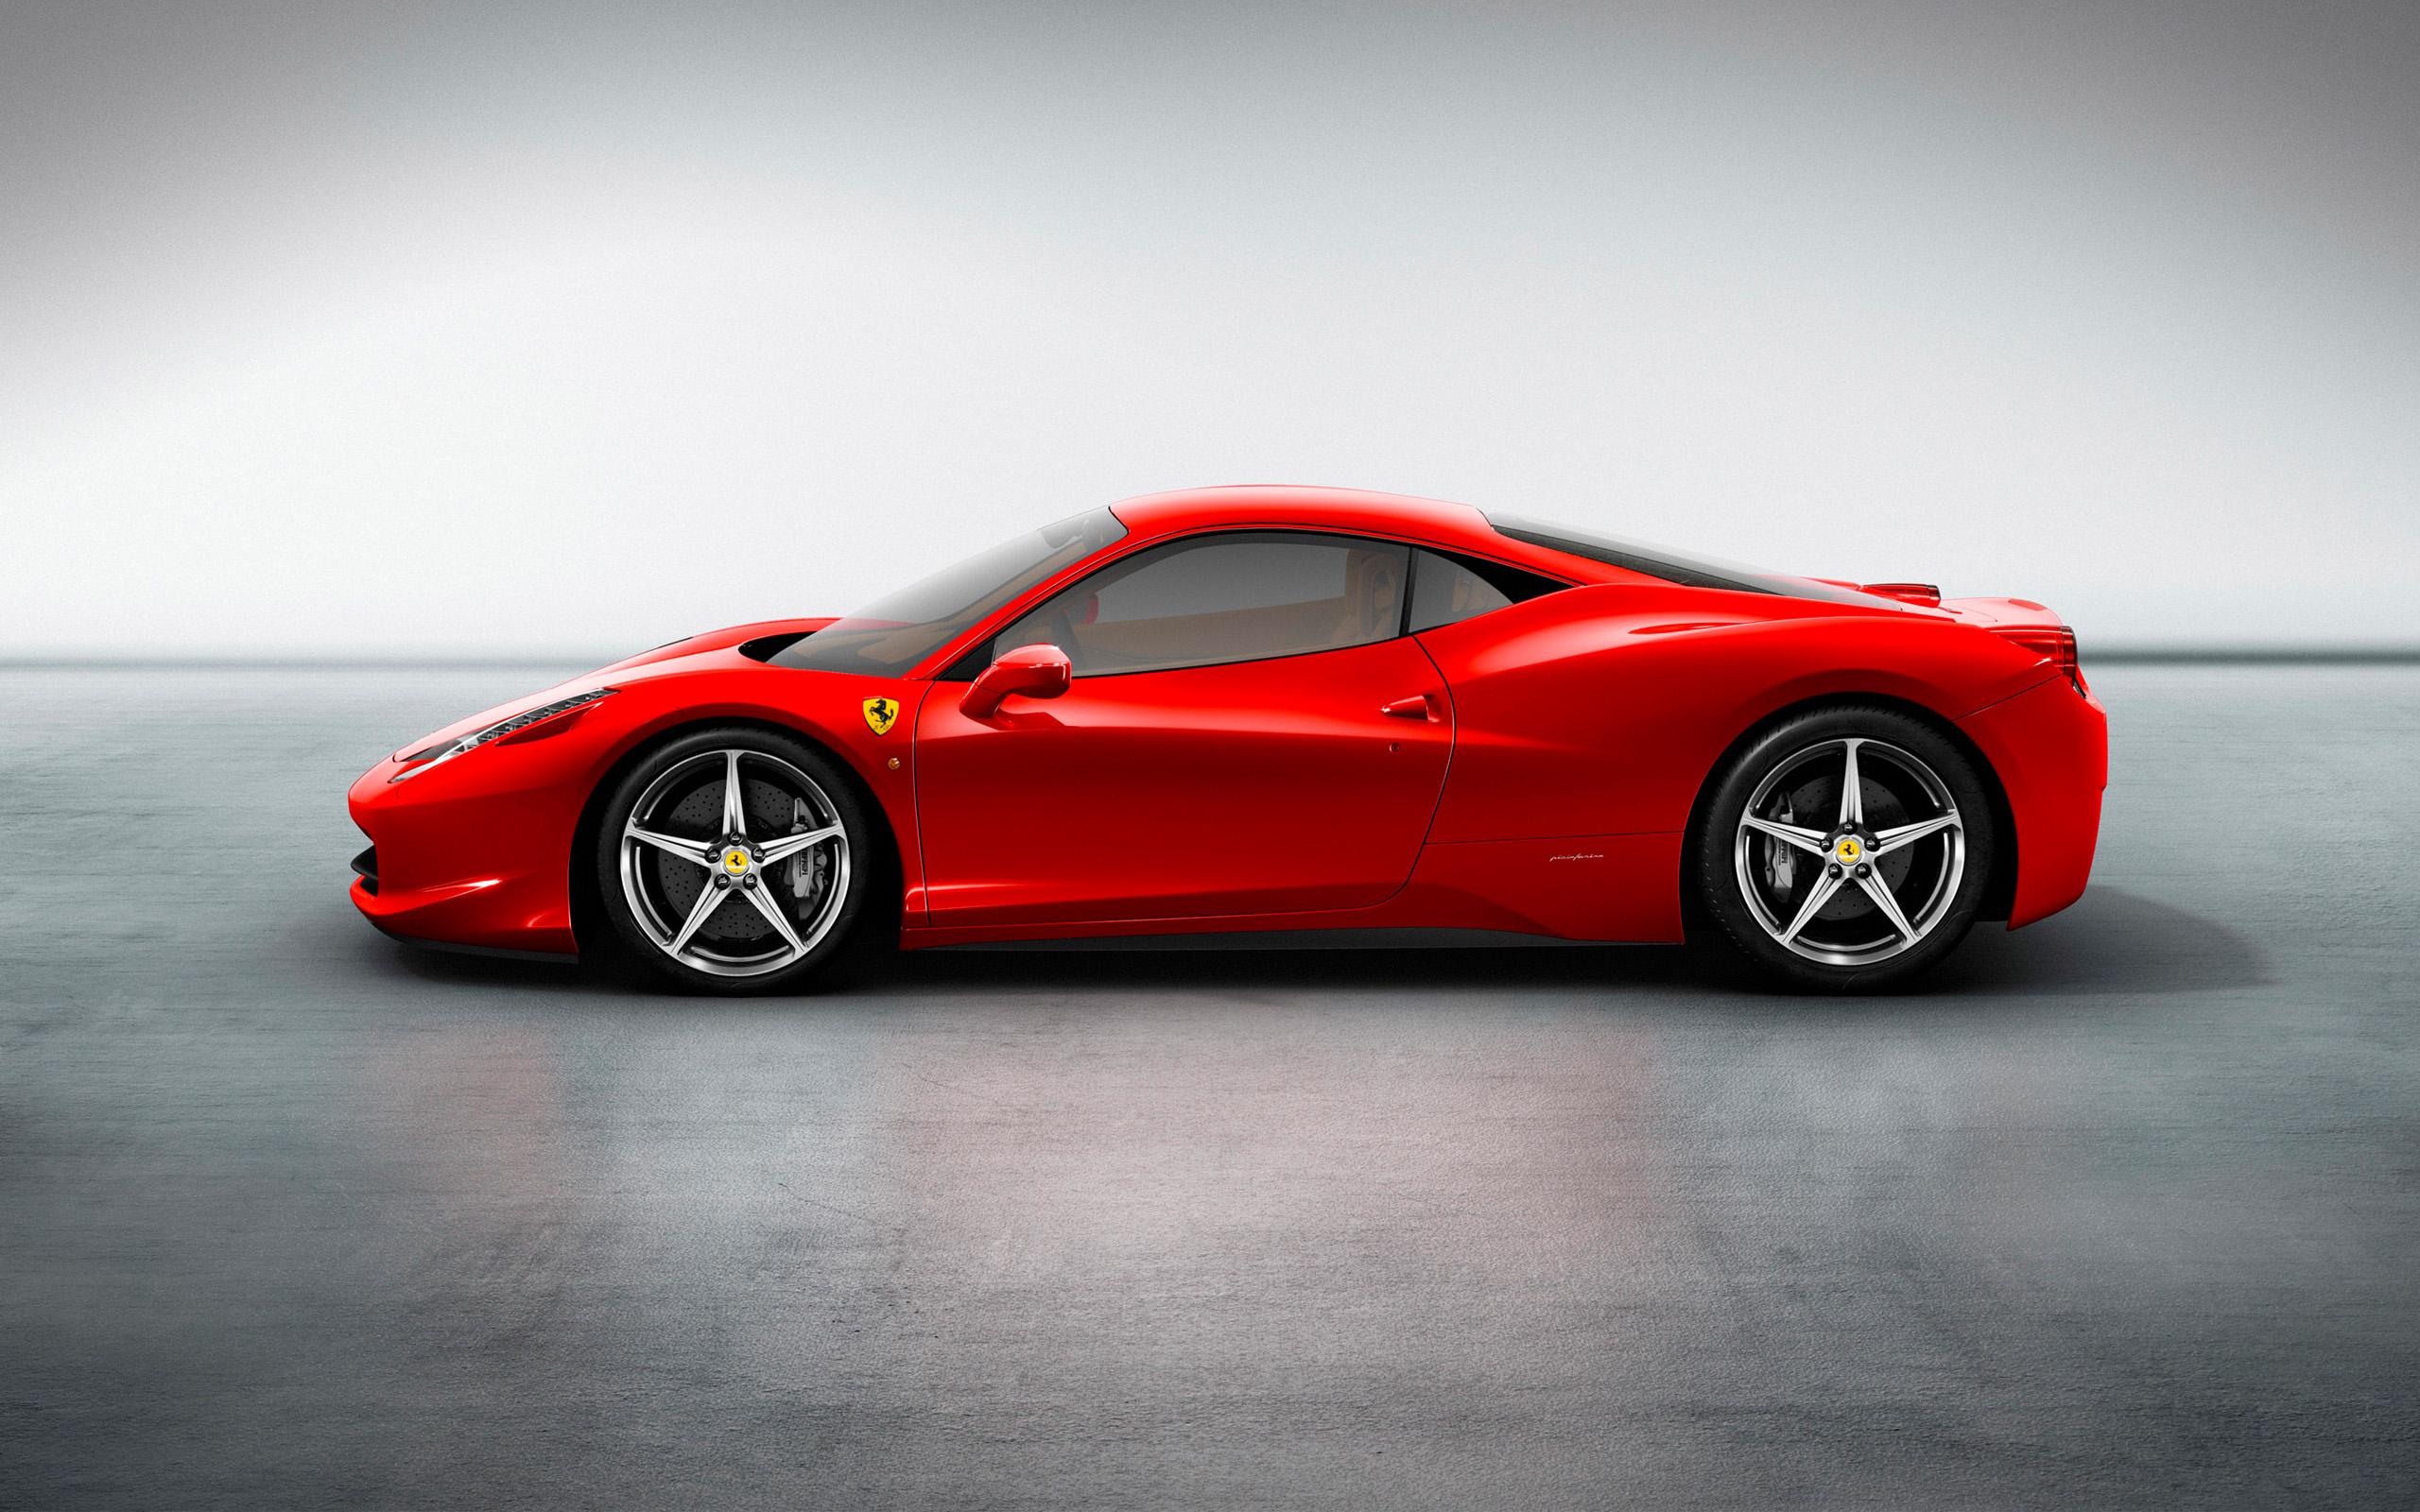 Ferrari 458 4 Free Hd Wallpaper